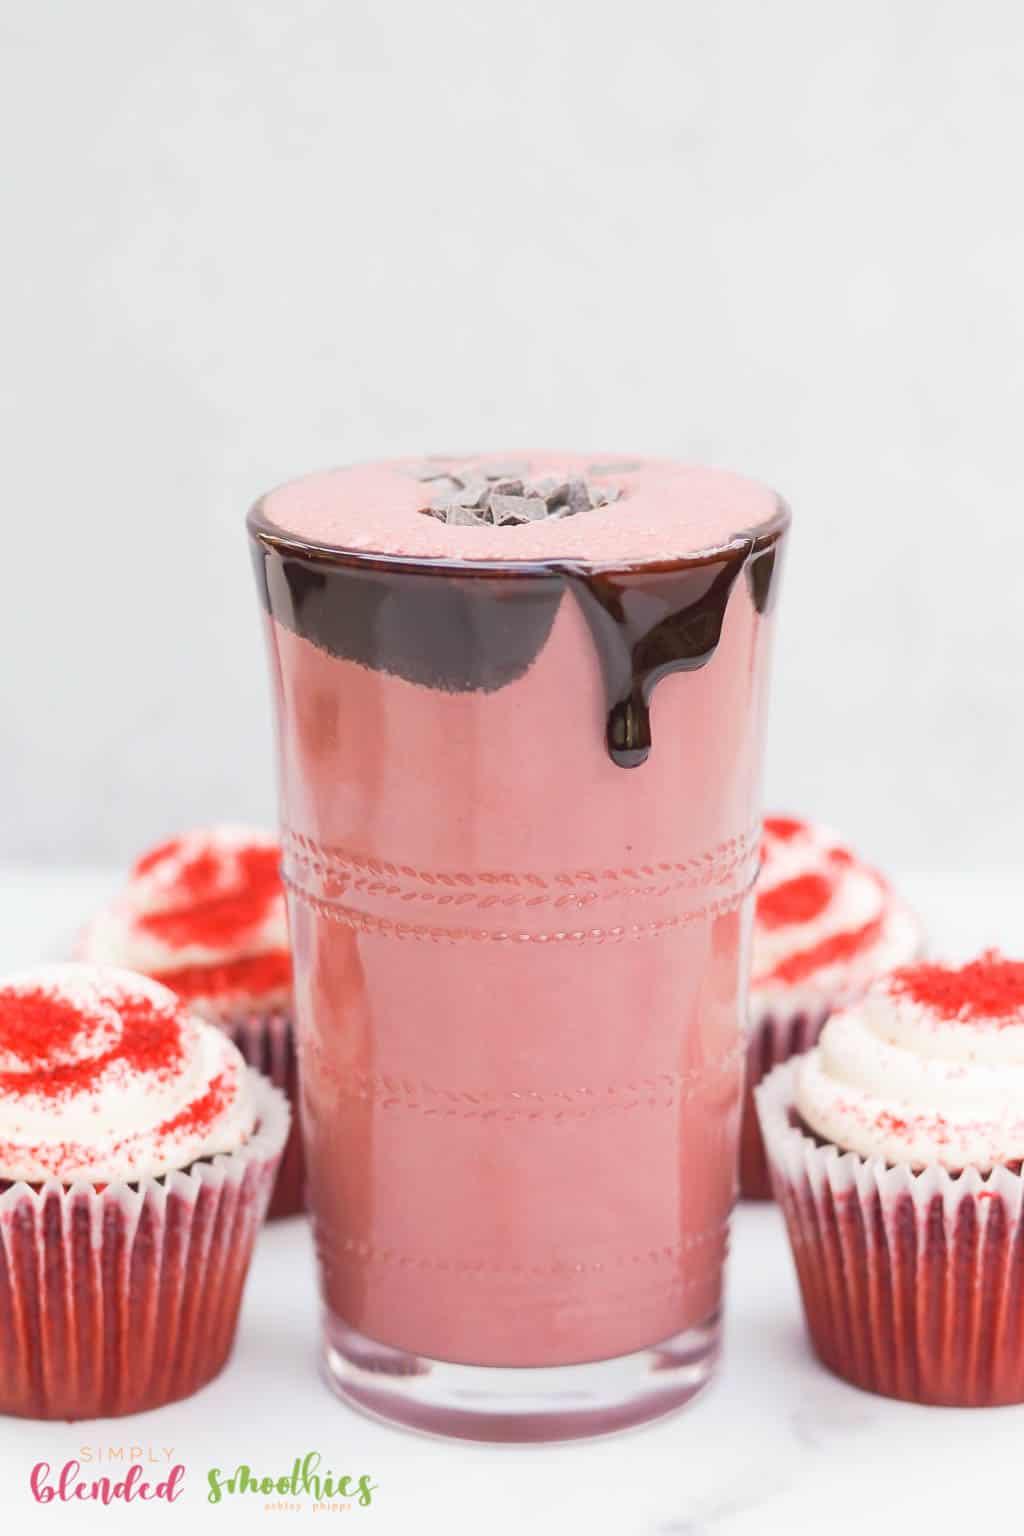 Red Velvet Milkshake with red velvet cupcakes